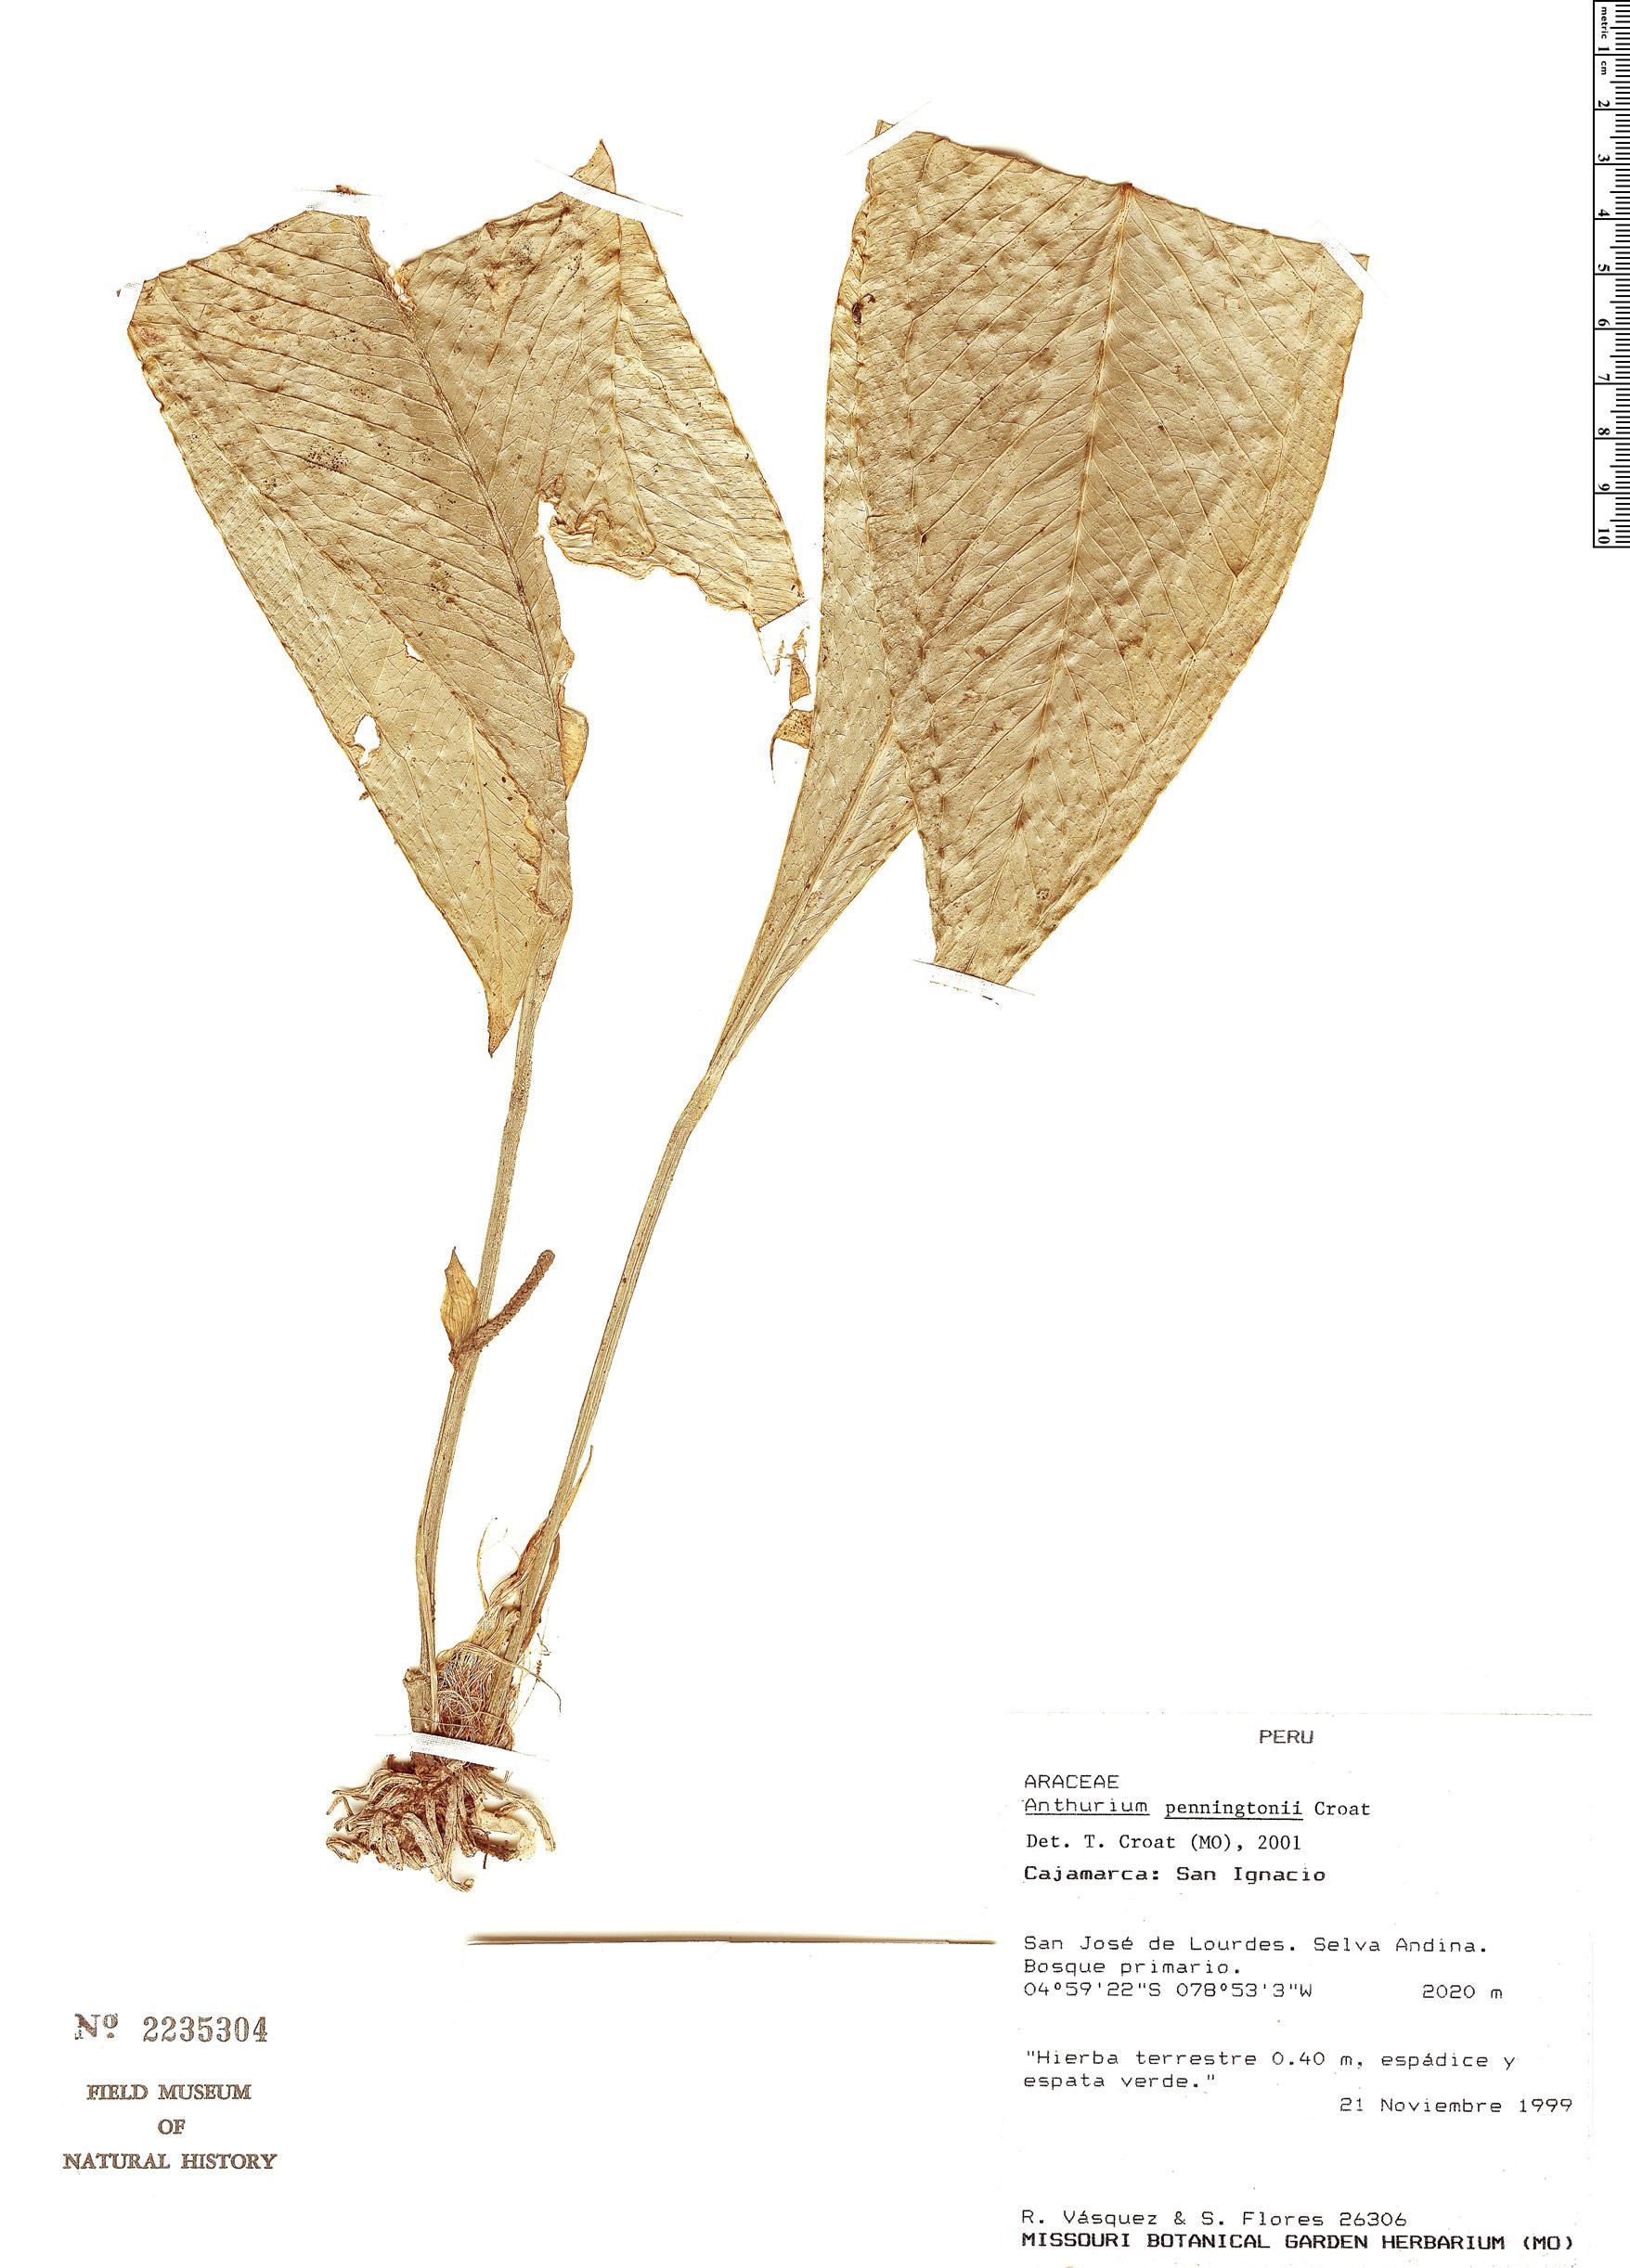 Specimen: Anthurium penningtonii